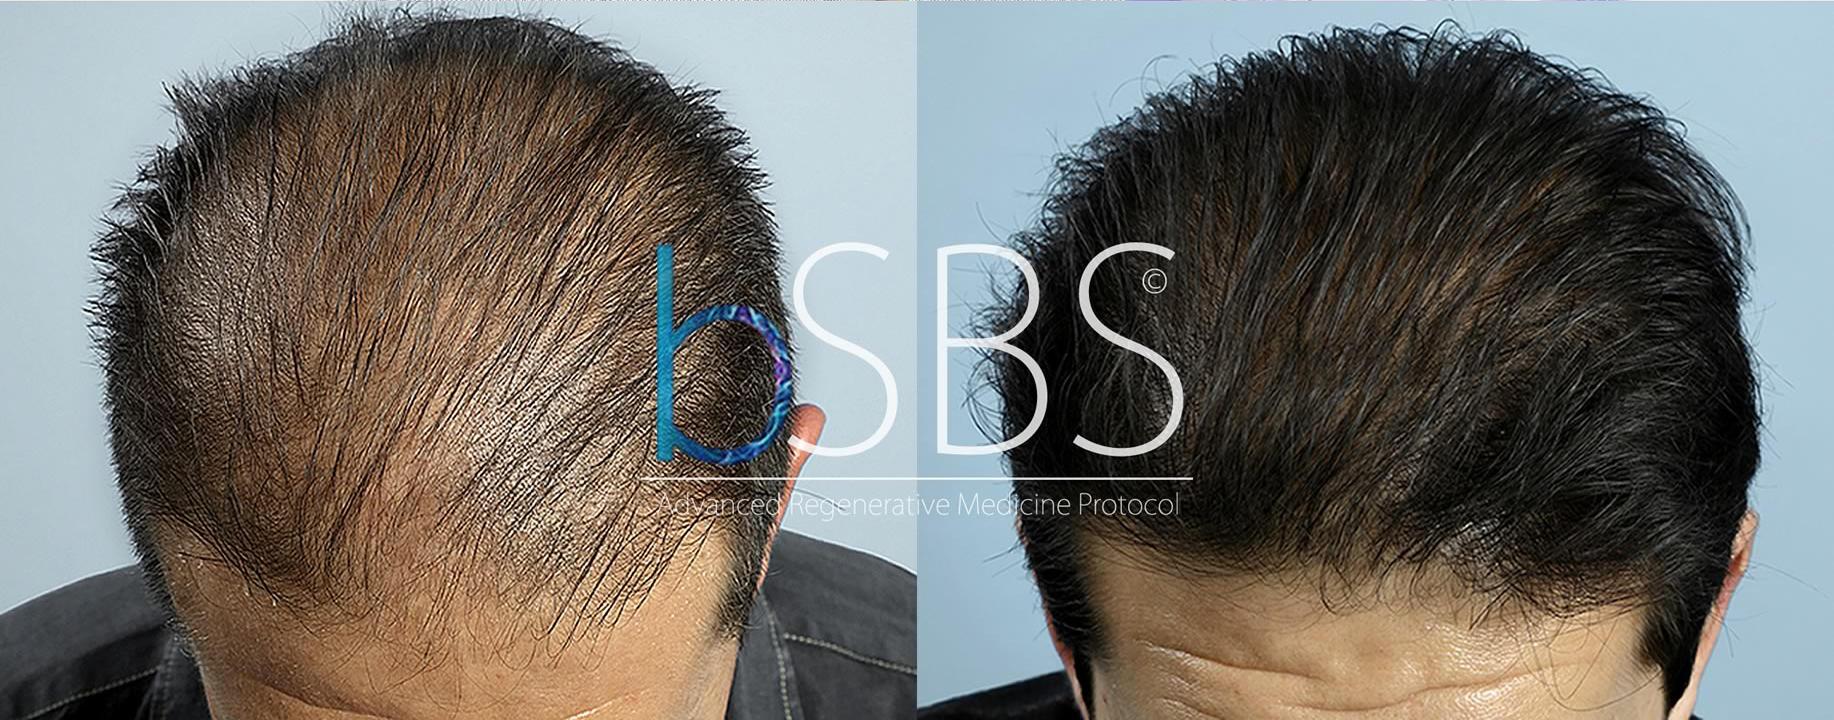 Calvizie  il trapianto di capelli non è la cura - Tgcom24 6f07e65aed5b